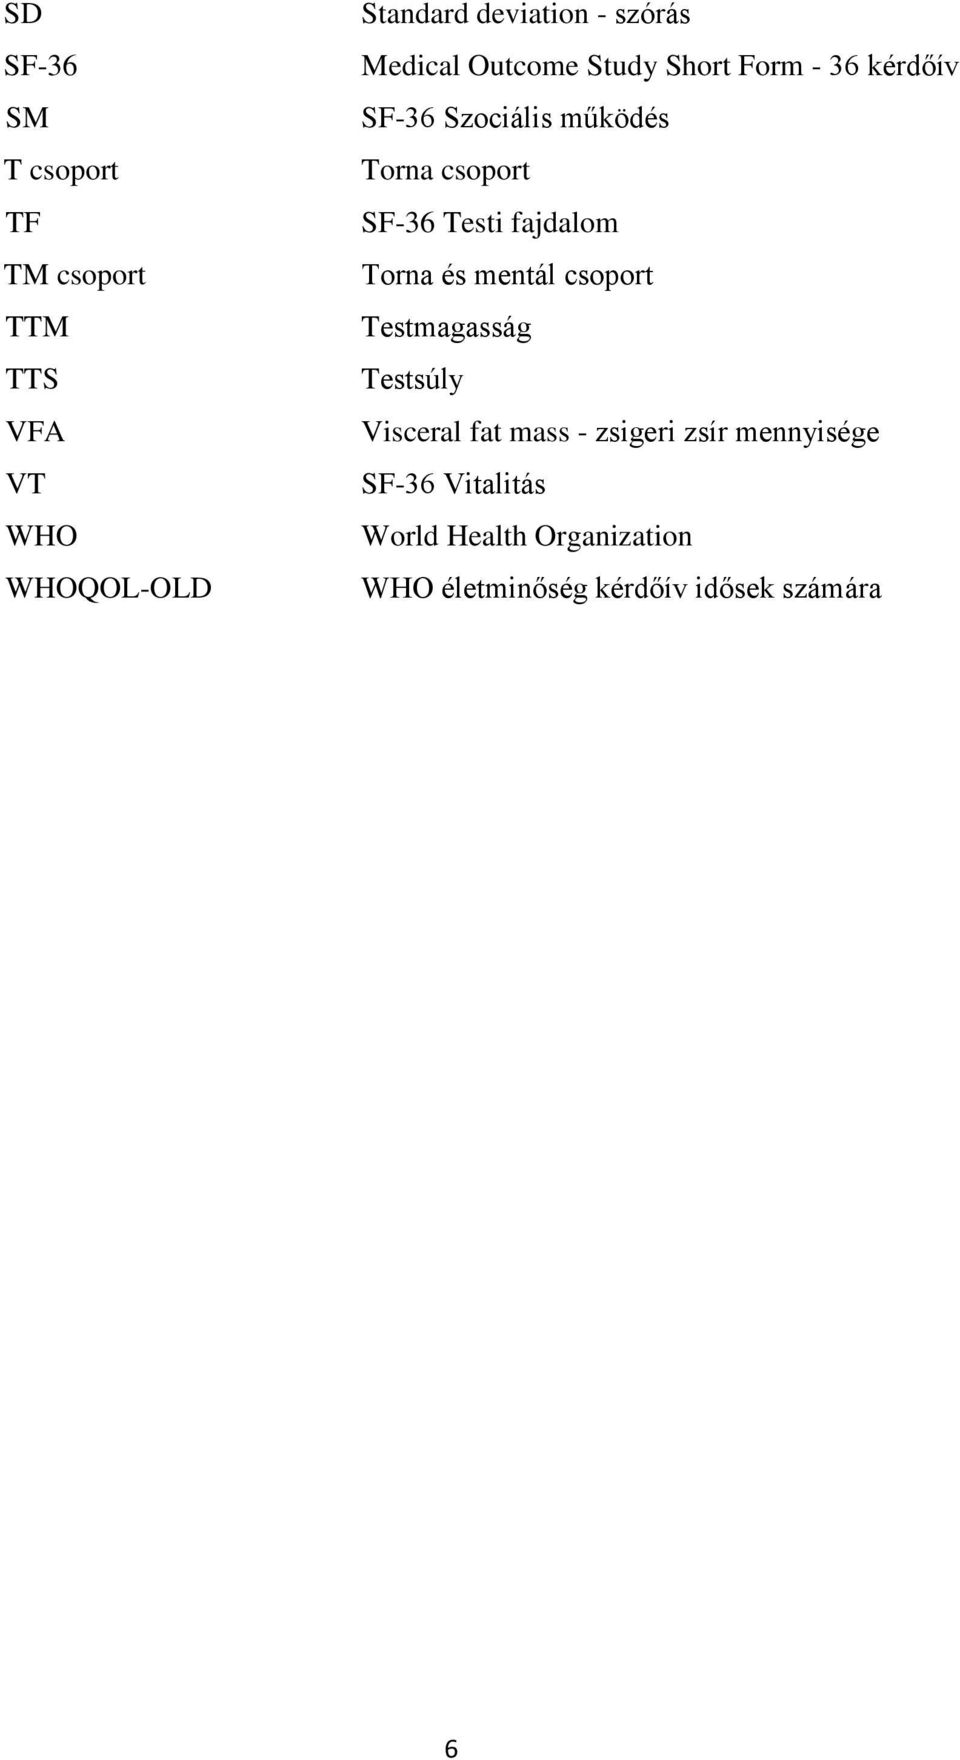 cardiomagnum hogyan alkalmazható magas vérnyomás esetén